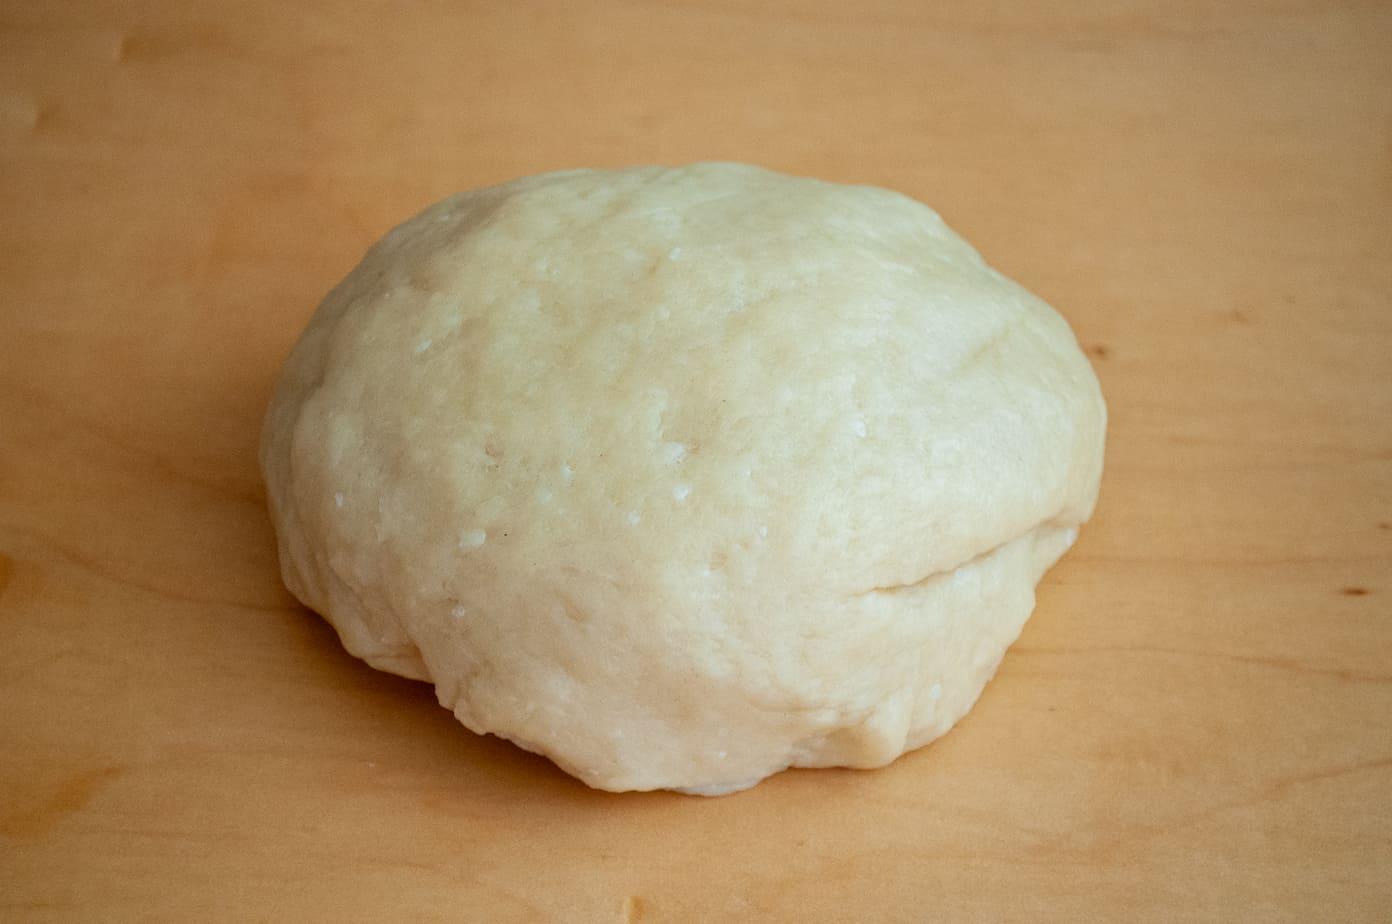 Hot water crust pie dough.